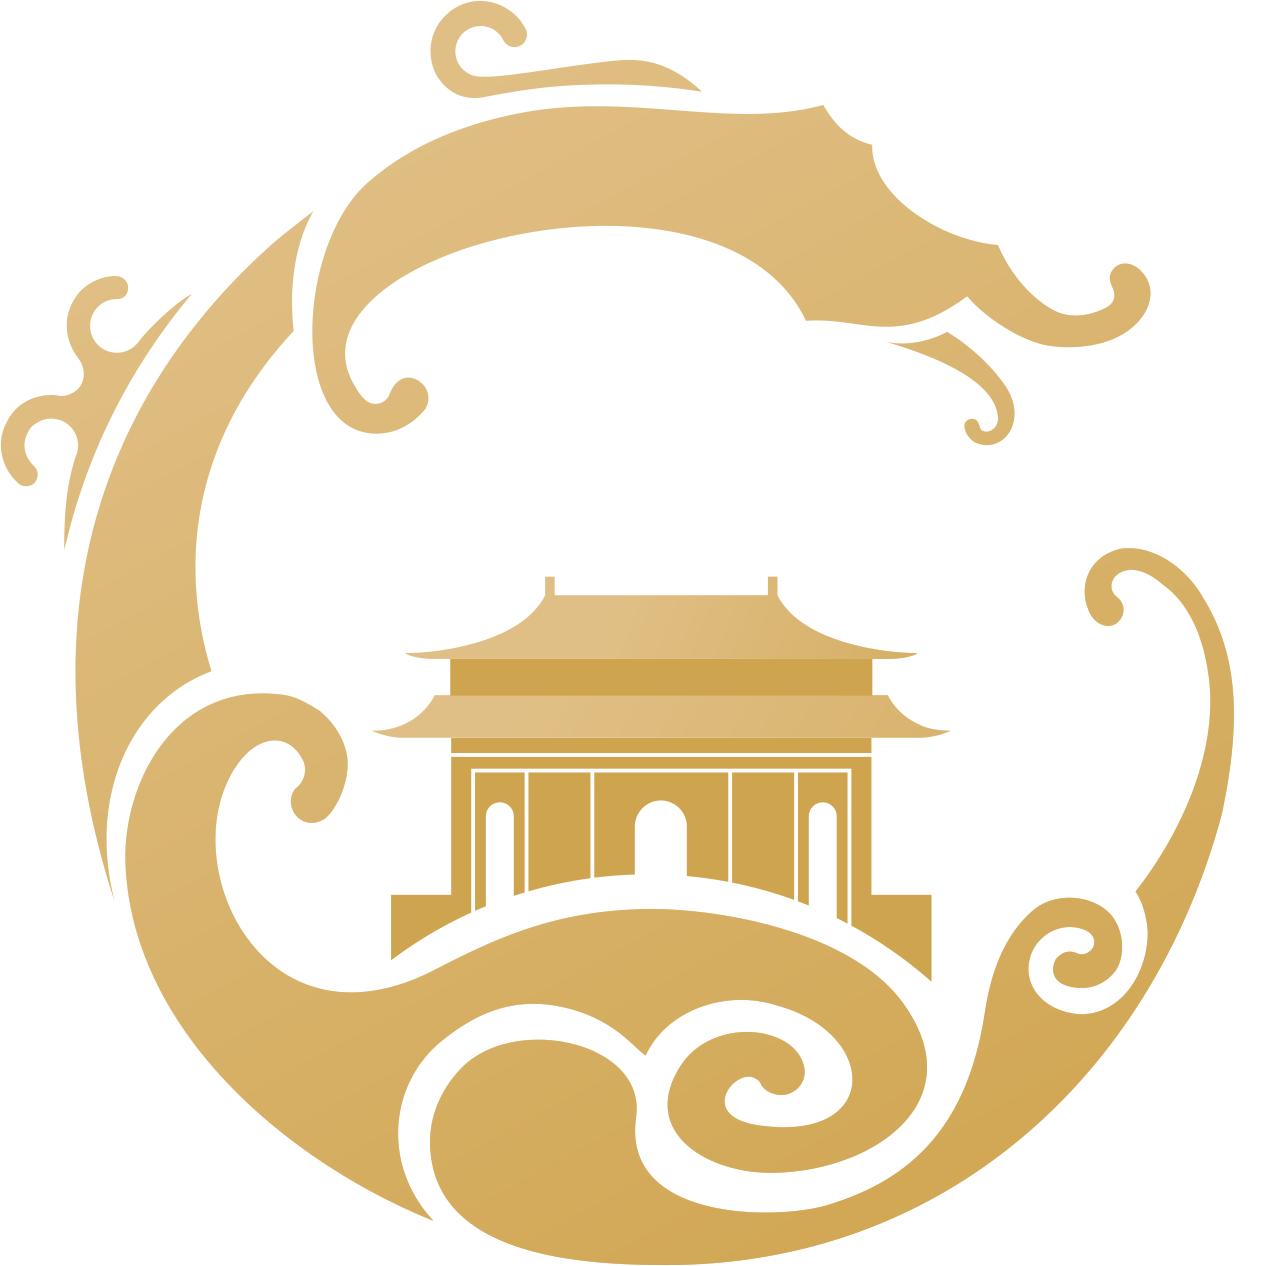 象山瑞龙寺